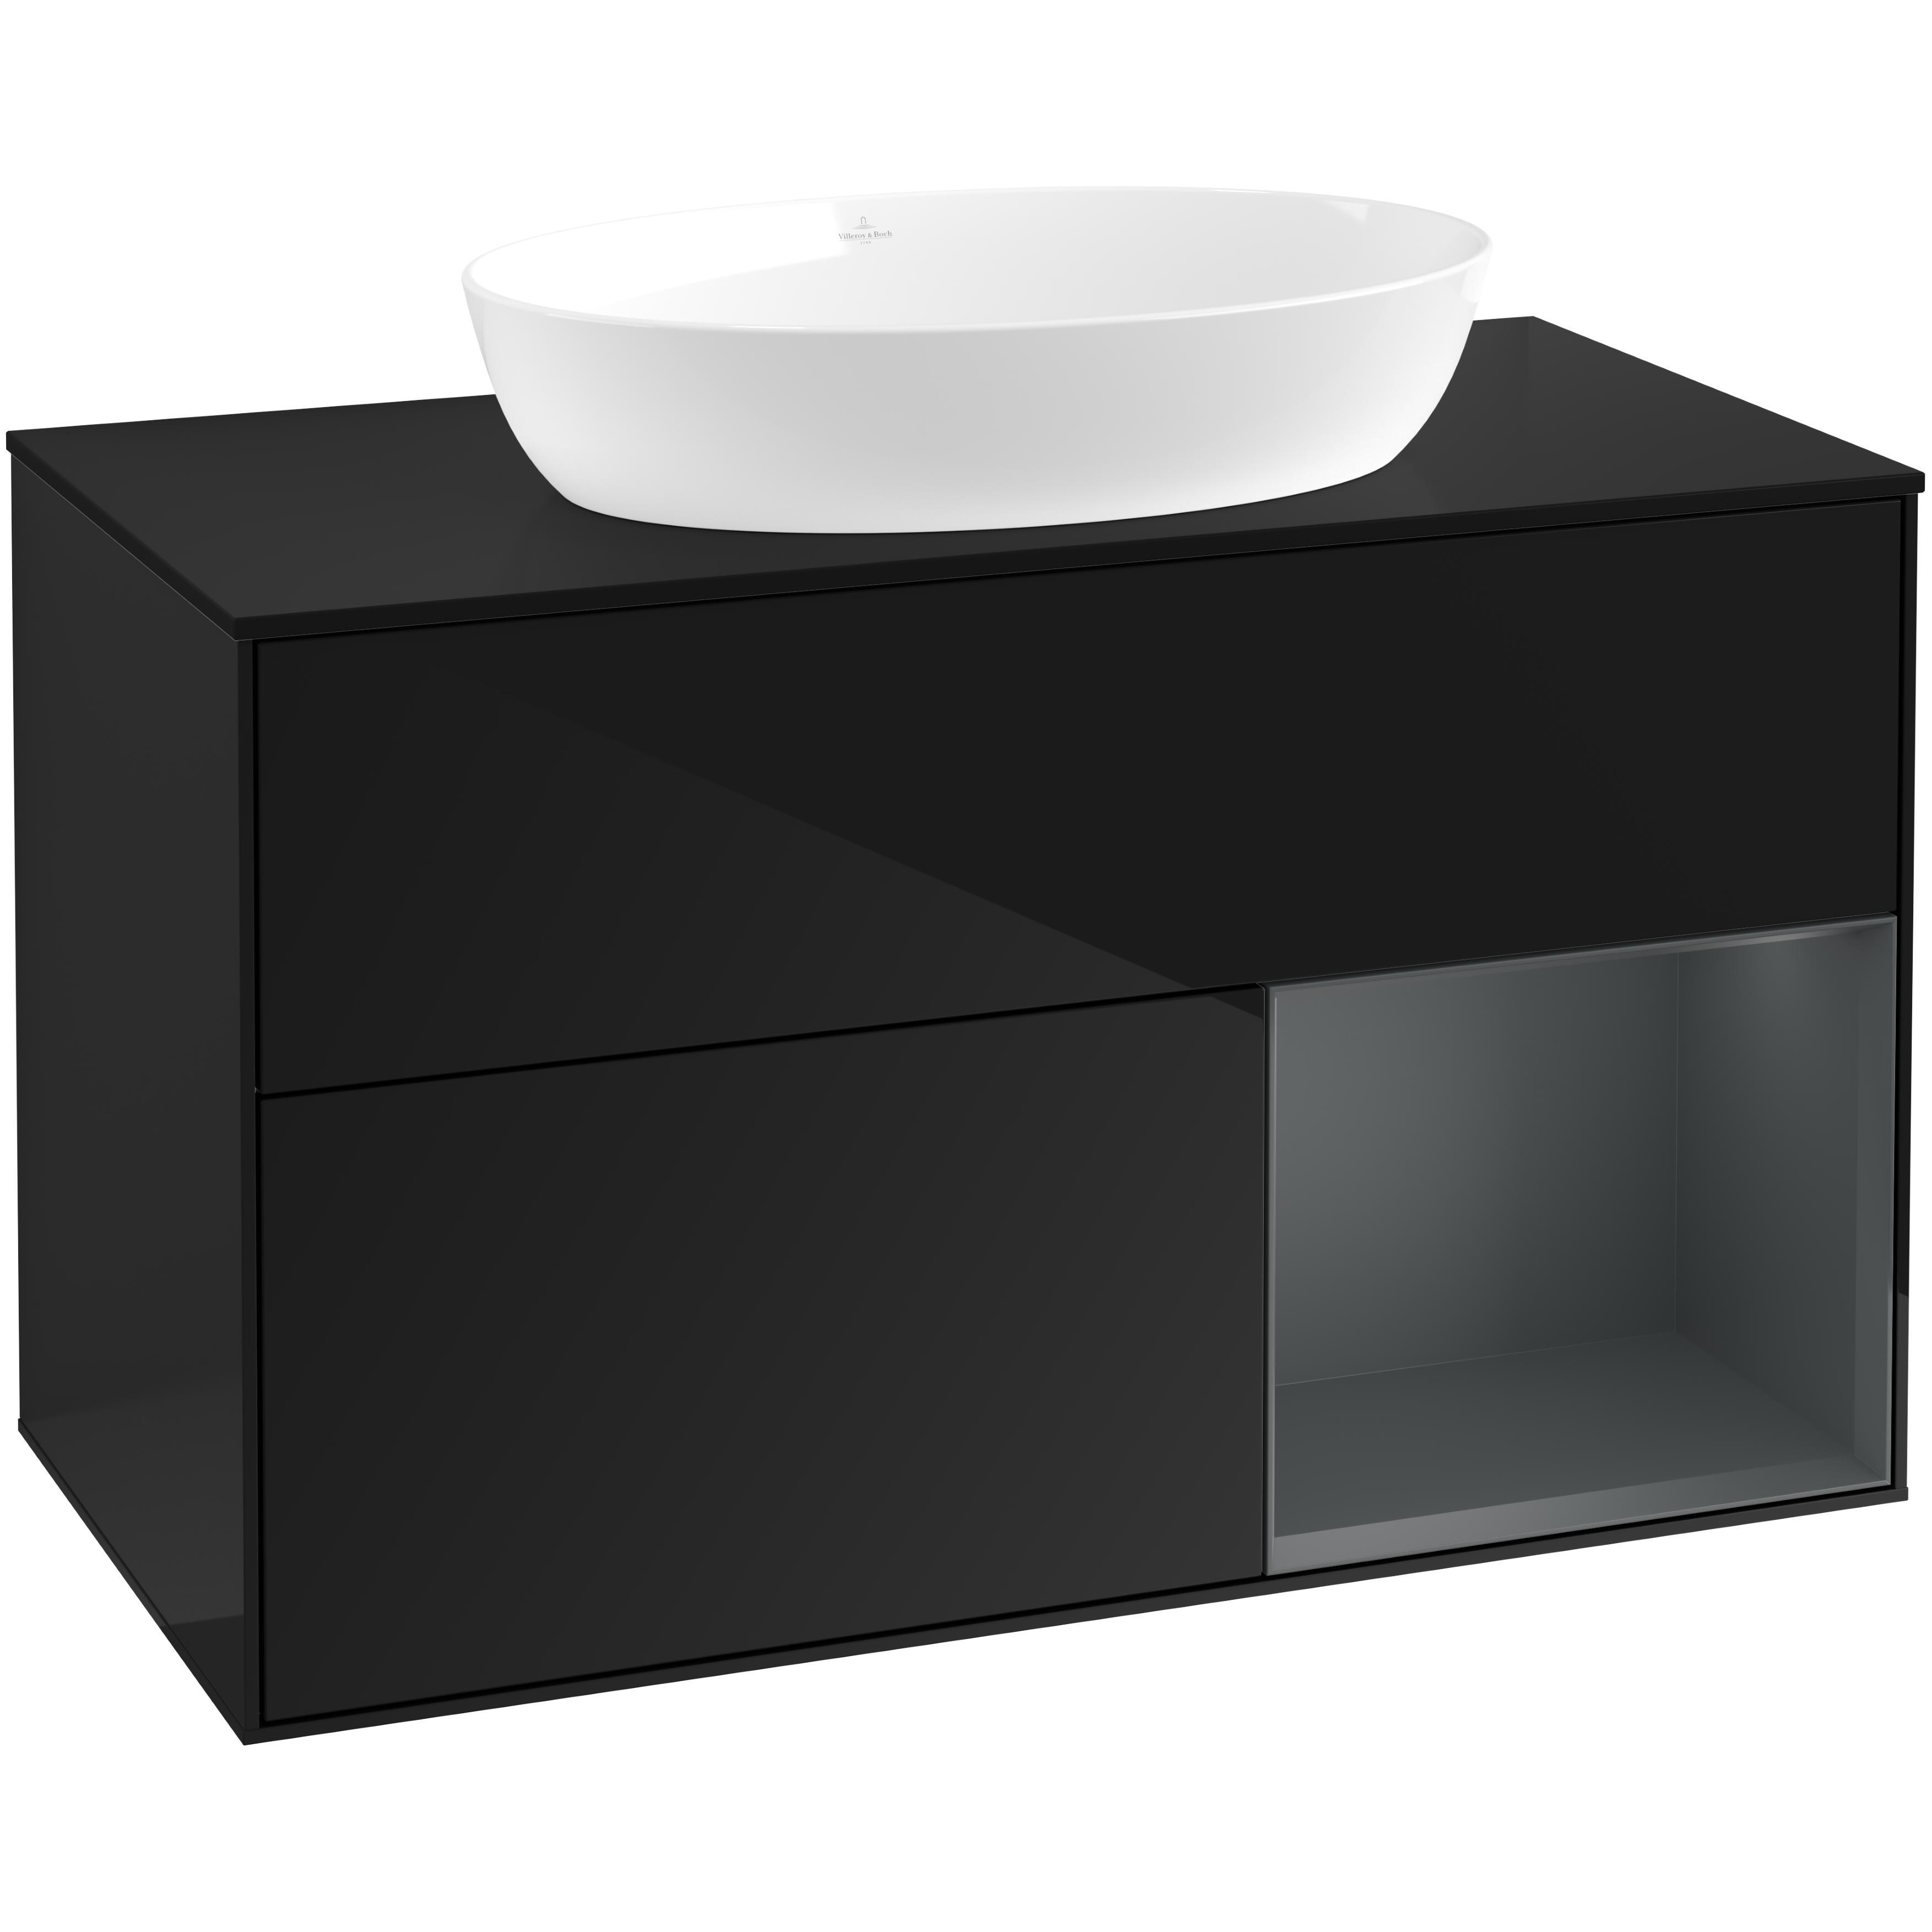 Tvättställsskåp Villeroy & Boch Finion med 2 Lådor Hylla och Bänkskiva för Fristående Tvättställ från Artis & Collaro